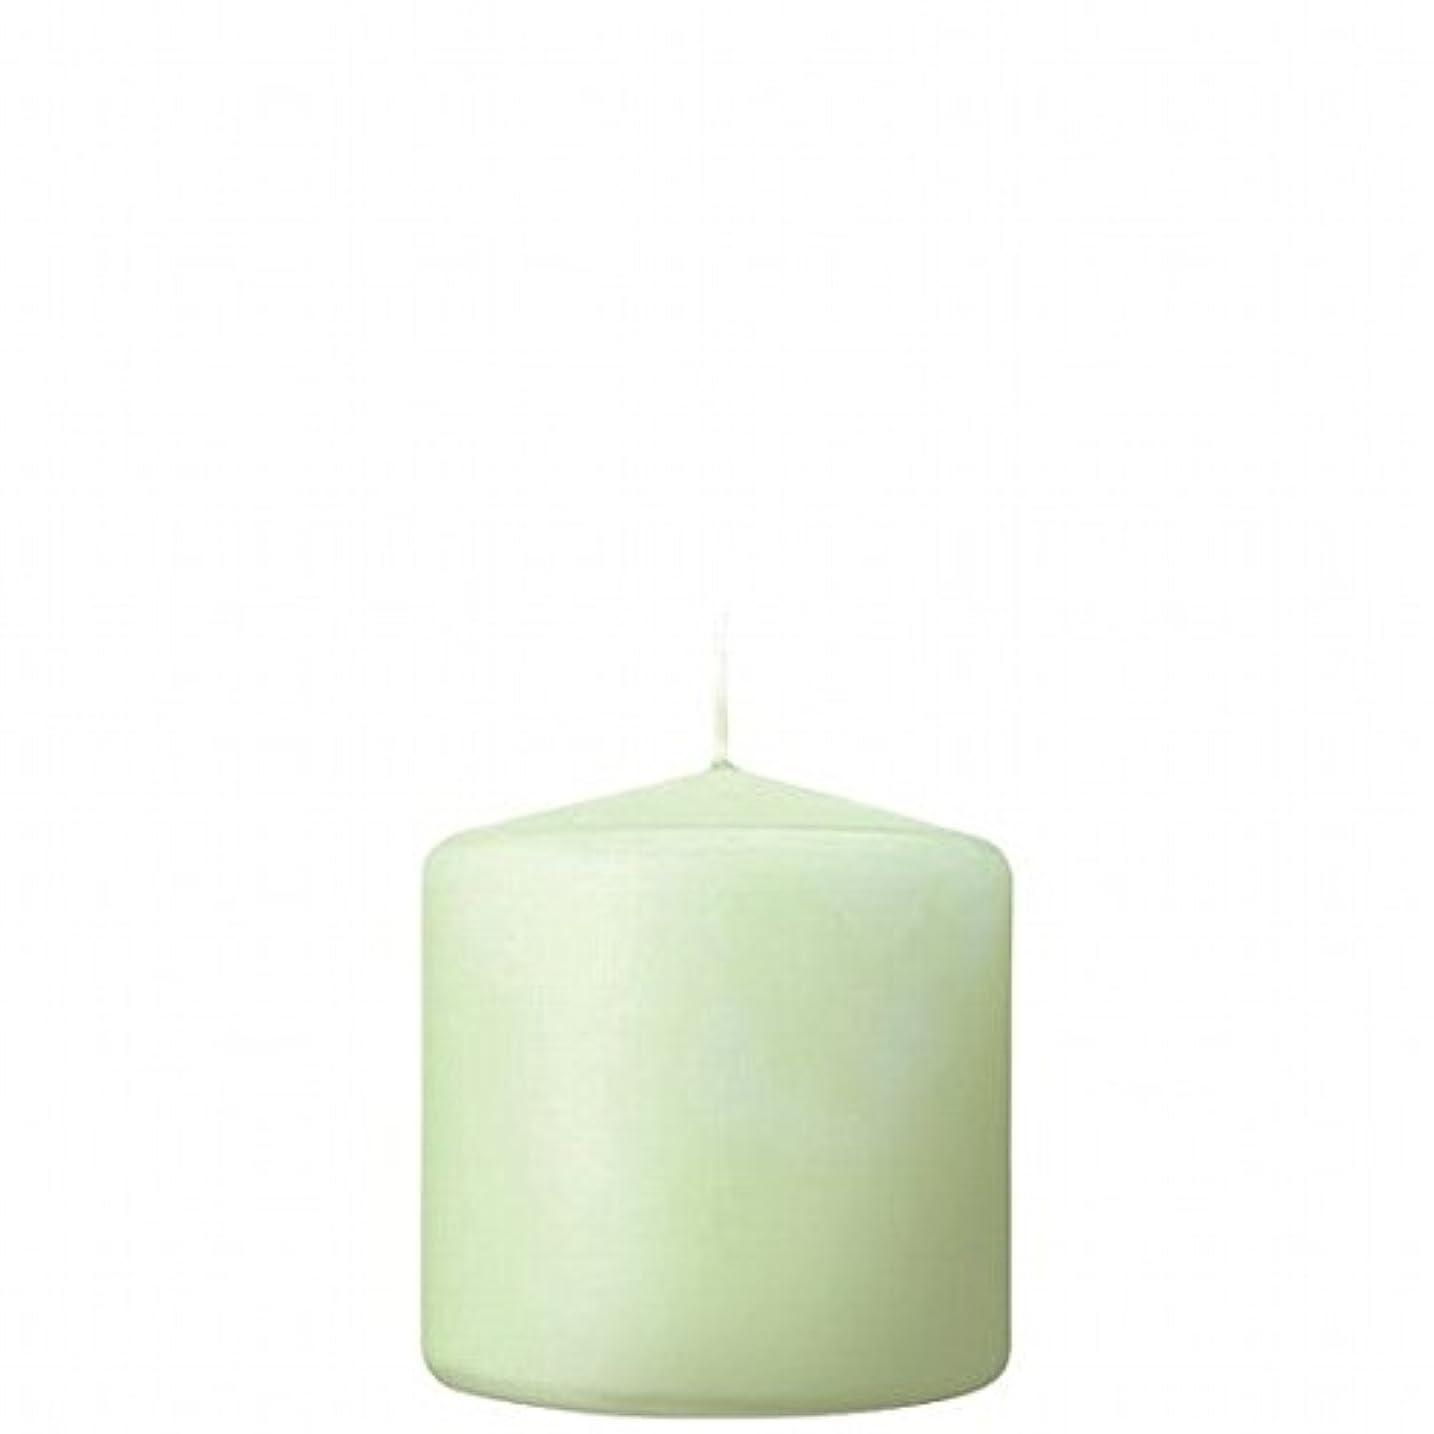 絶対のひねくれた結婚したkameyama candle(カメヤマキャンドル) 3×3ベルトップピラーキャンドル 「 ホワイトグリーン 」(A9730000WG)